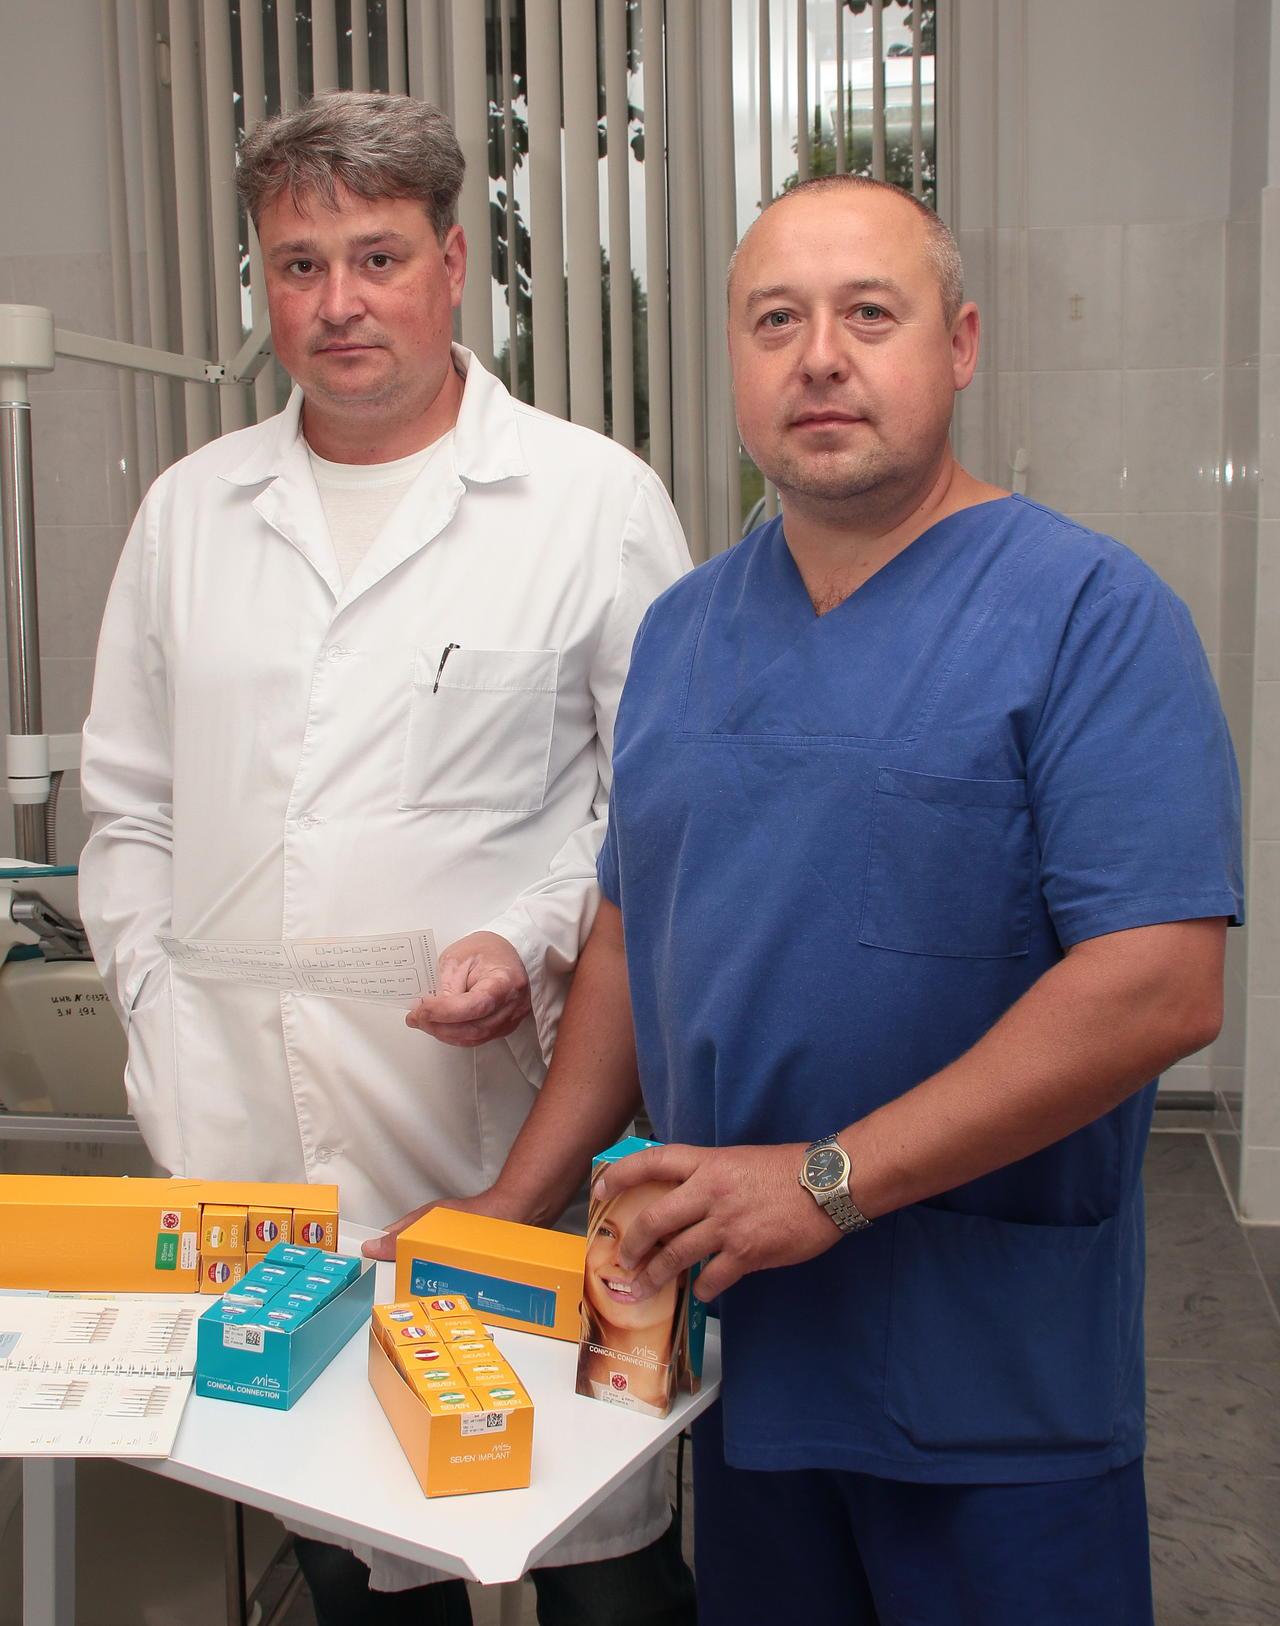 Опытнейшие специалисты:  ортопед Сергей Кракасевич  и стоматолог-хирург Александр Гречишкин